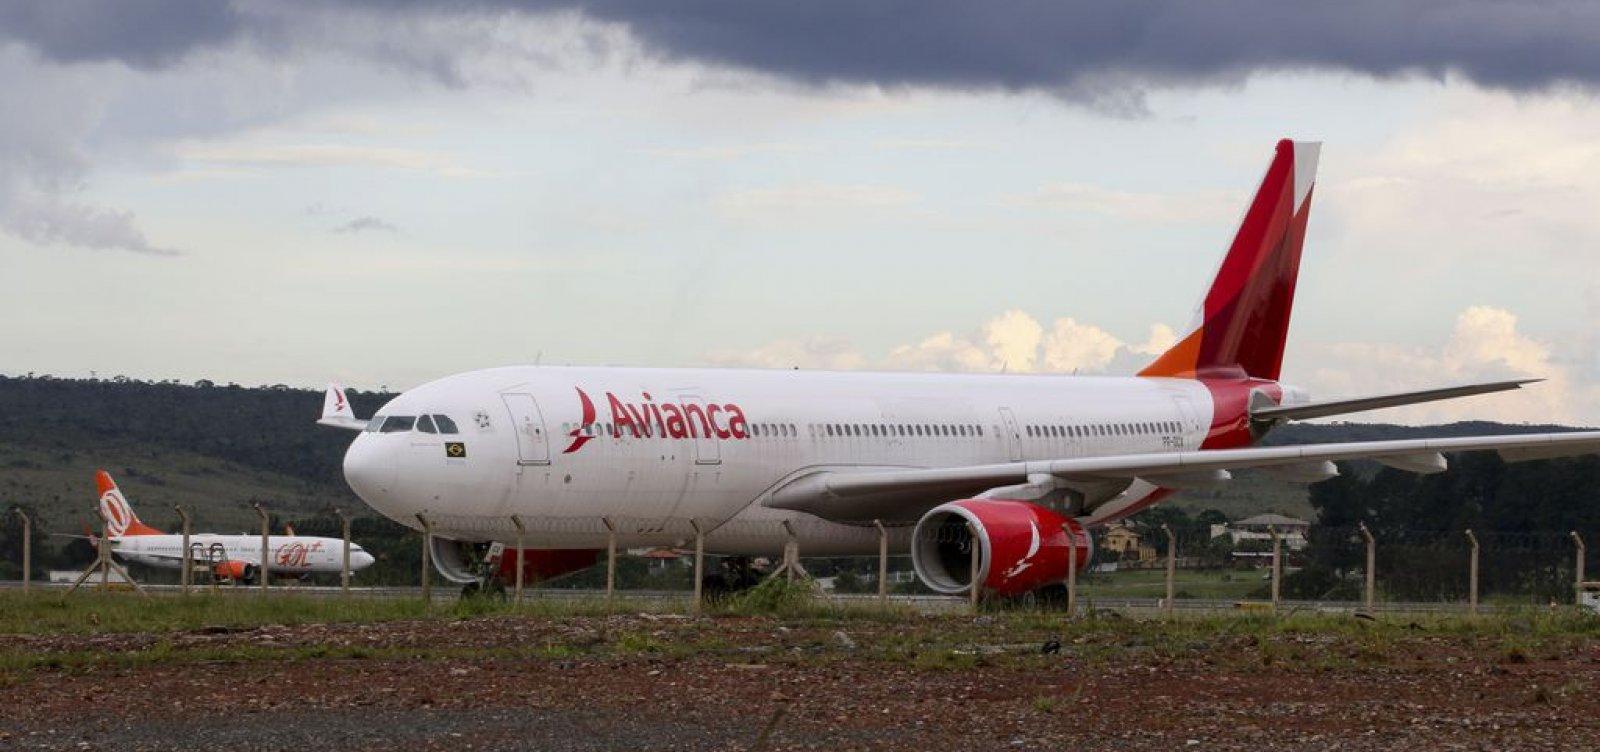 Avianca deixa de operar no Recife e voos são cancelados